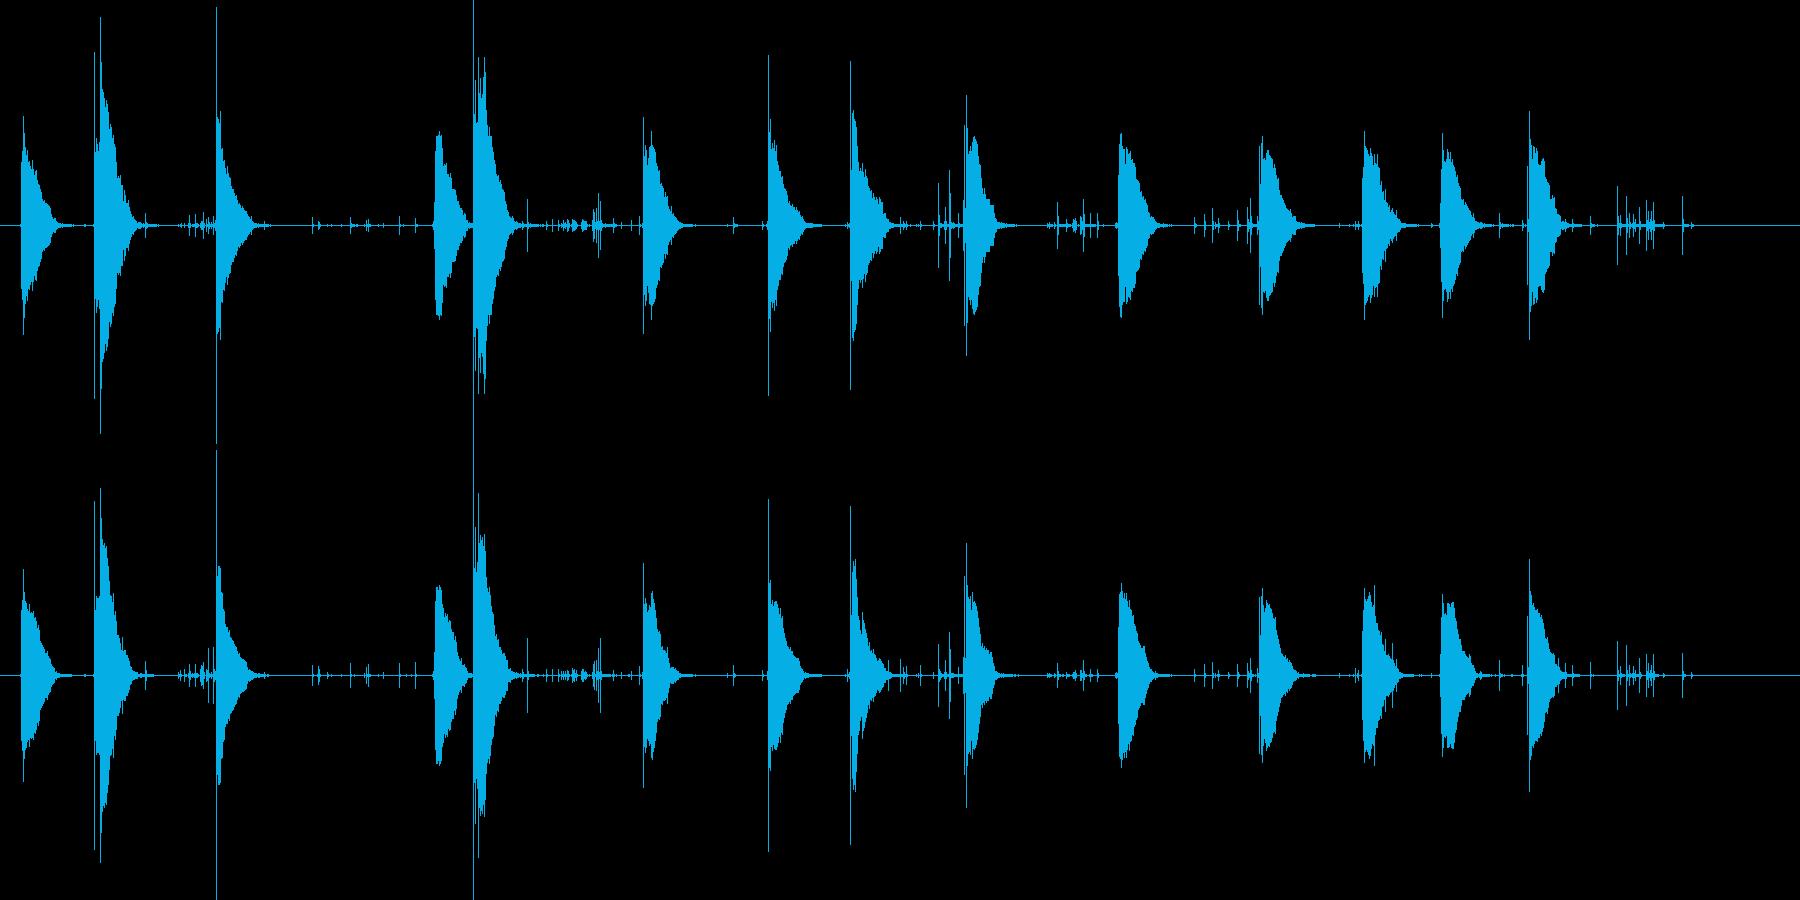 花火の口sの再生済みの波形